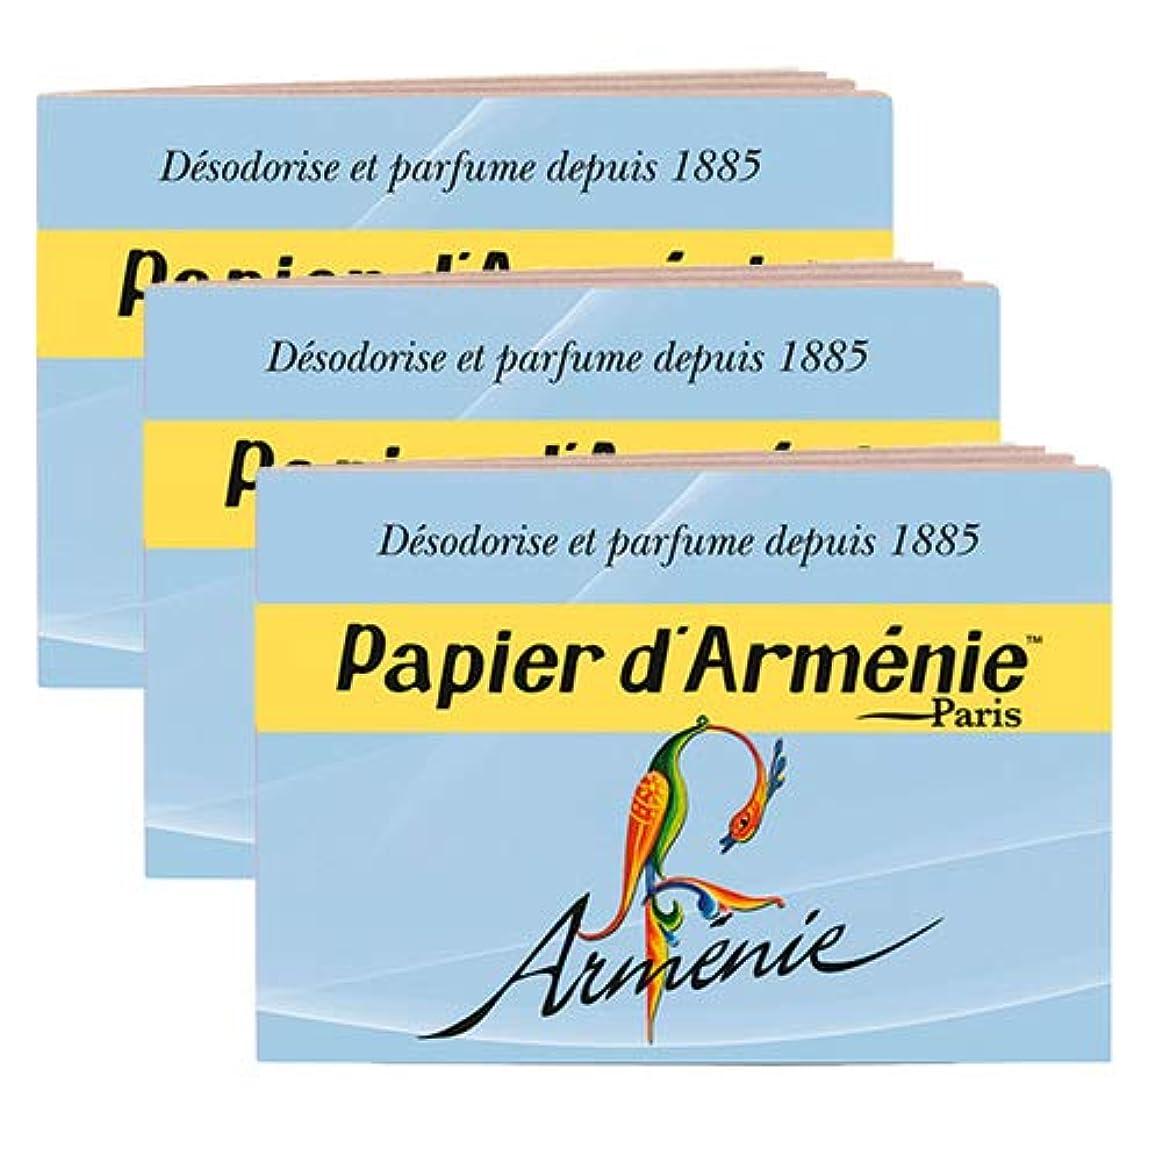 ホールスラムスラダム【パピエダルメニイ】トリプル 3×12枚(36回分) 3個セット アルメニイ 紙のお香 インセンス アロマペーパー PAPIER D'ARMENIE [並行輸入品]